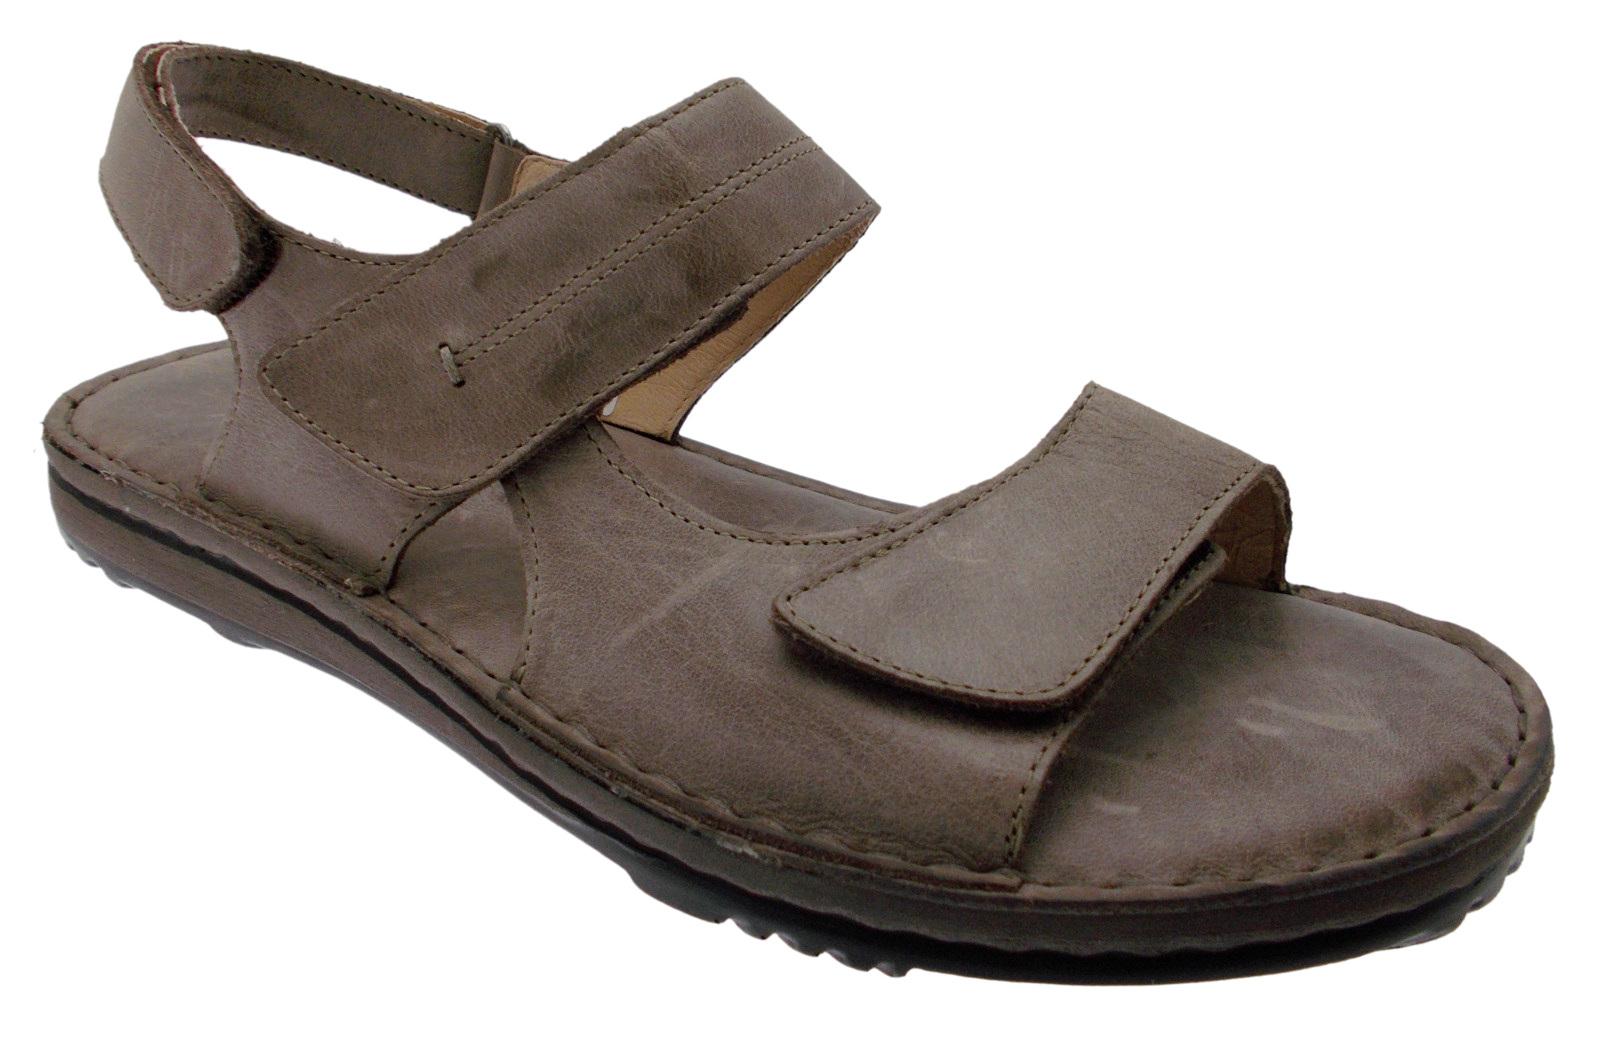 50254 sandalo sposa la memoria plantare regolabile Uomodo di Riposella   negozio di vendita outlet